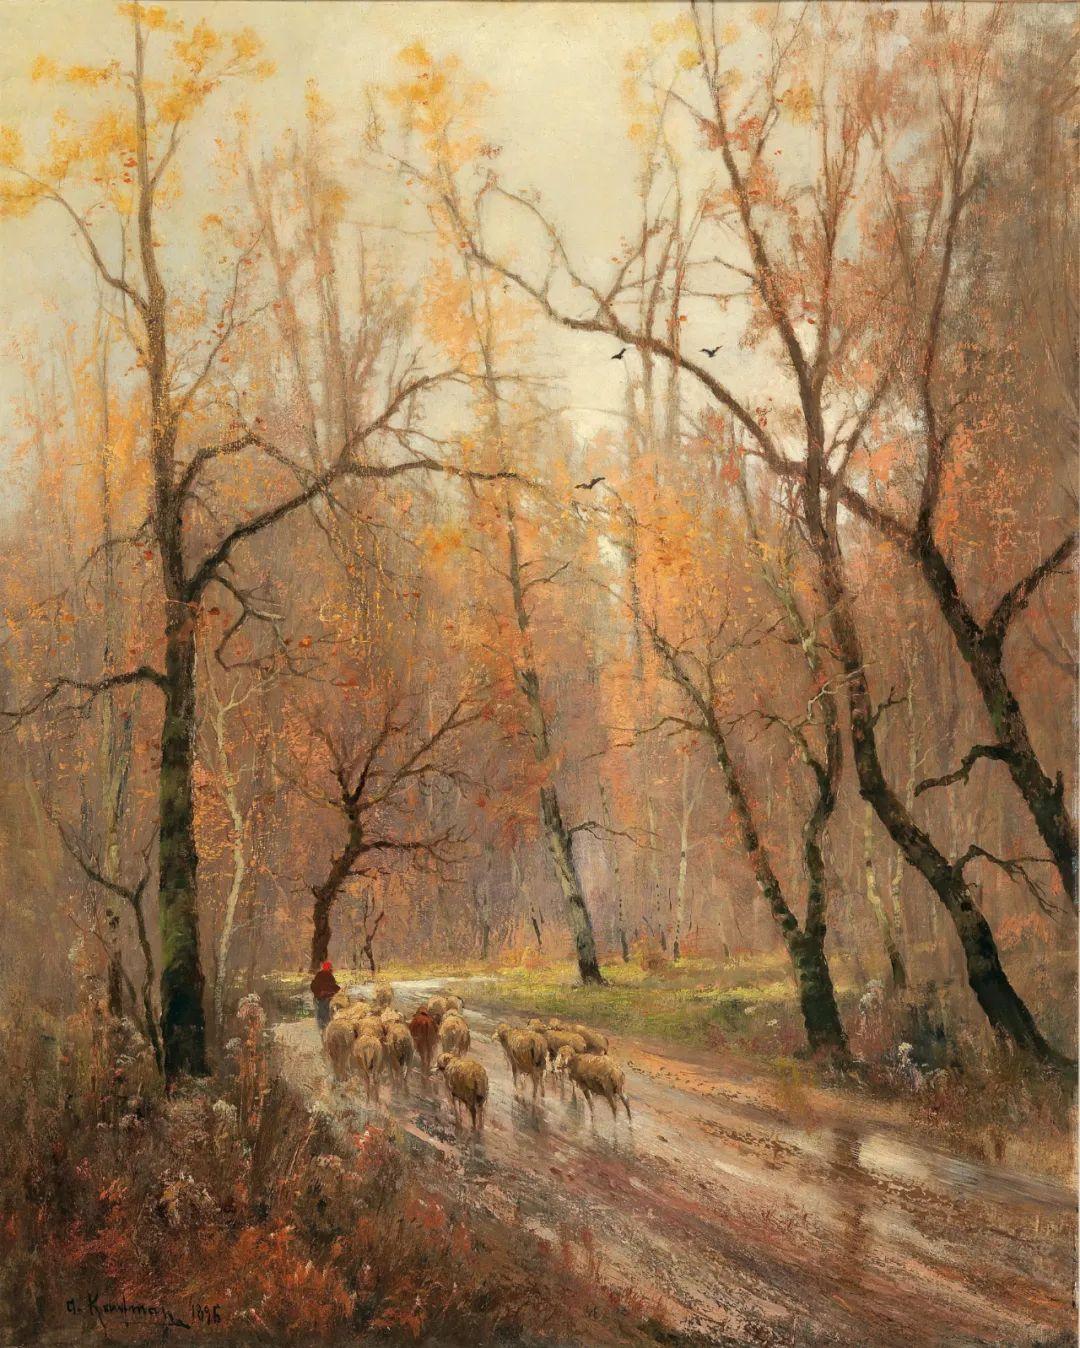 风景油画丨奥地利画家阿道夫·考夫曼的精美风景画插图57